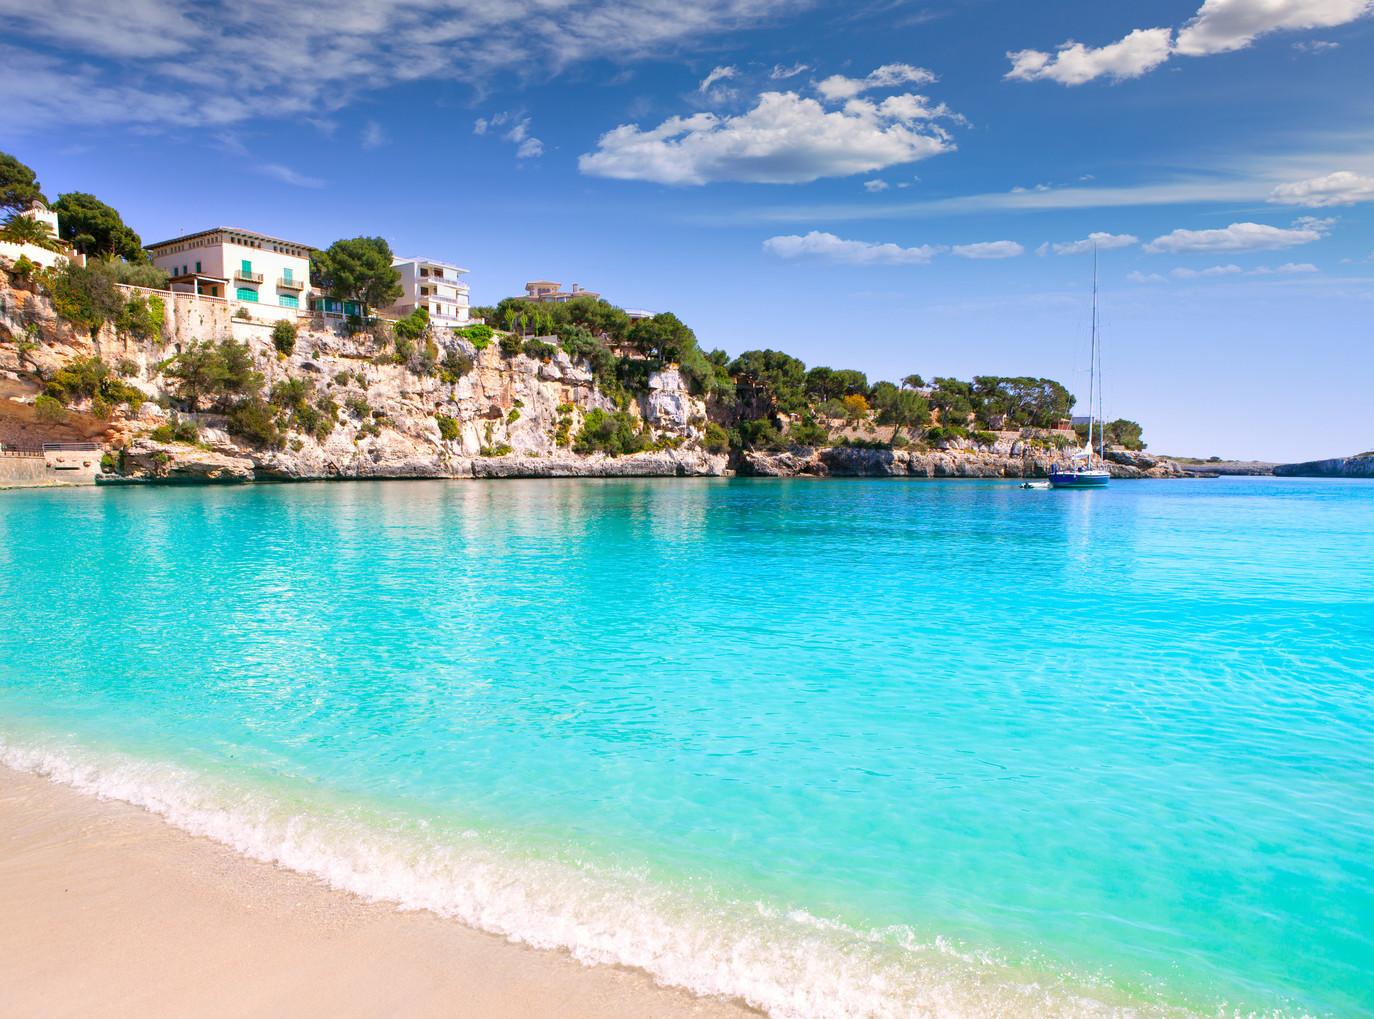 1 Woche Luxus Auf Mallorca Im 5 Puravida Hotel Mit